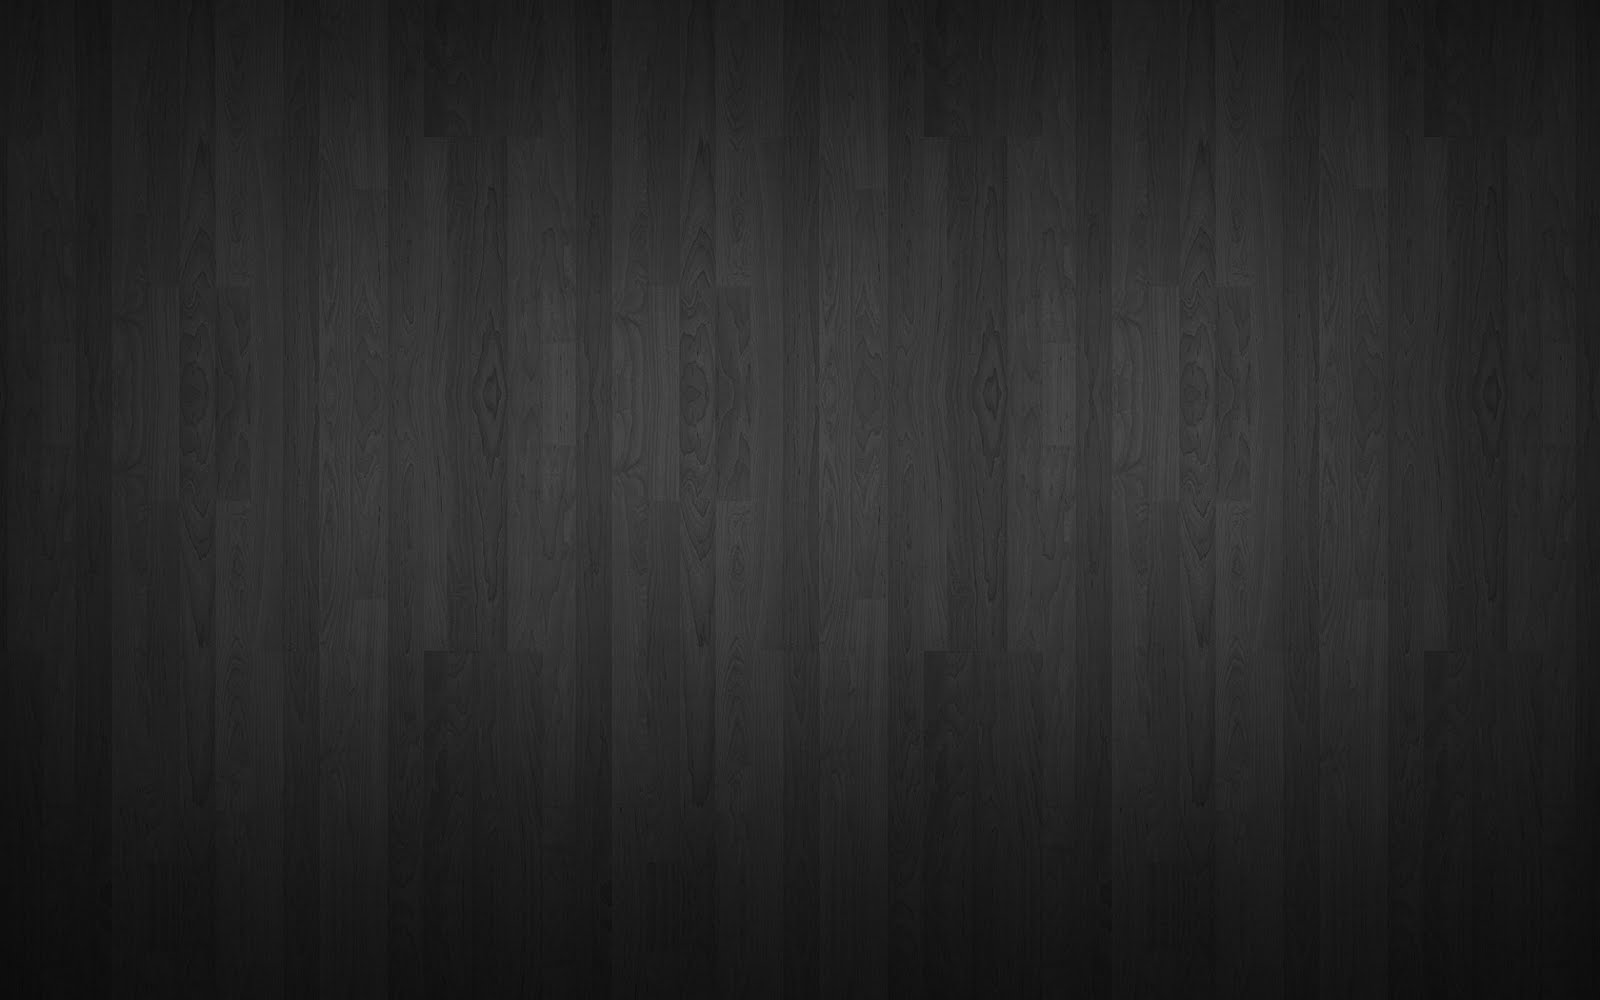 Dark Minimalist Wallpaper - WallpaperSafari